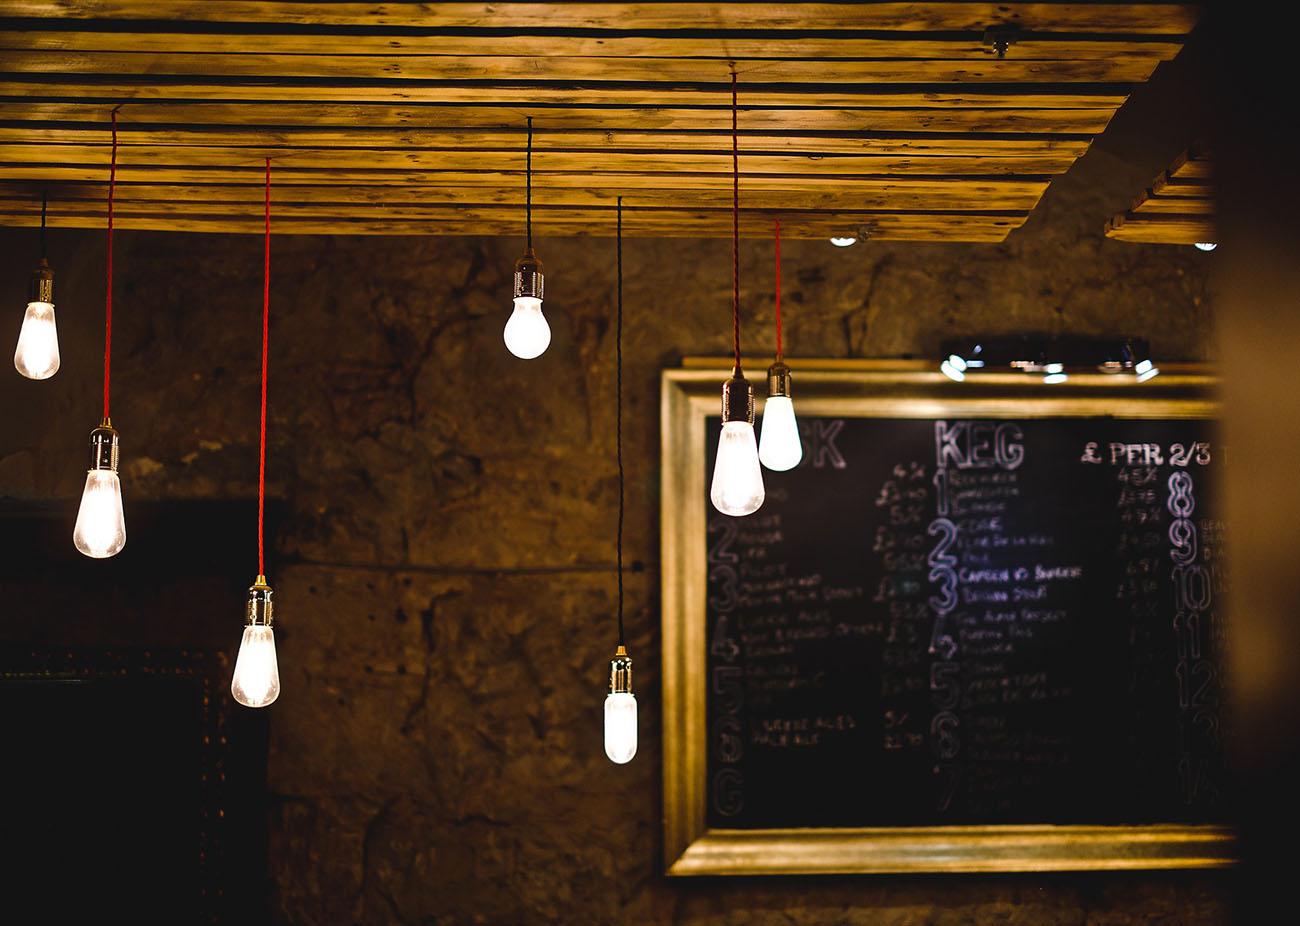 Las eléctricas recortan el plazo para pagar las facturas de la luz y penalizar los retrasos